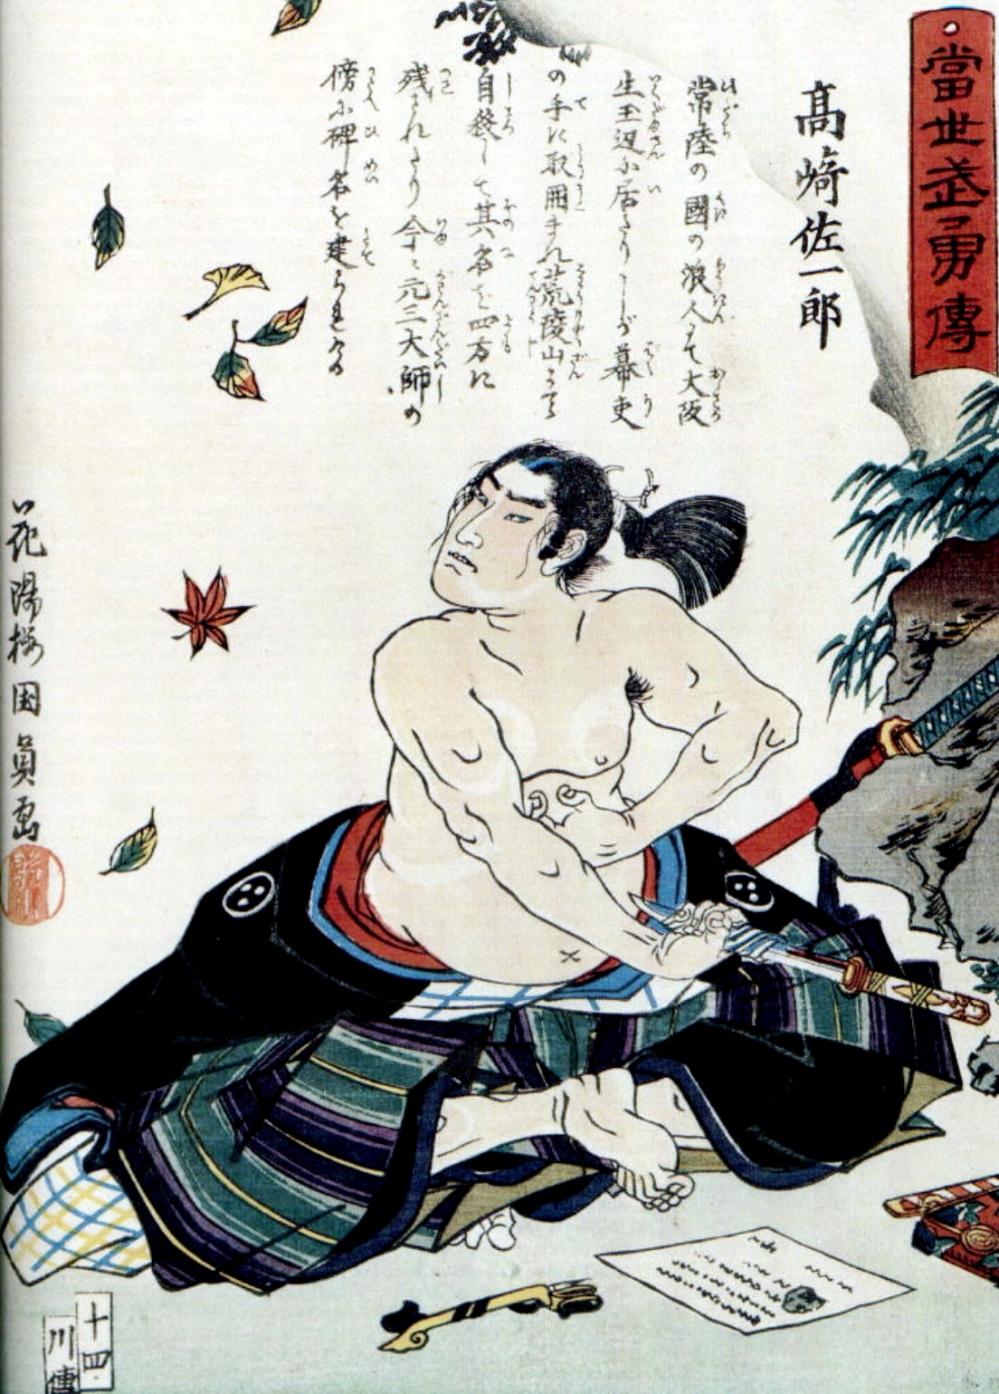 samurais_3